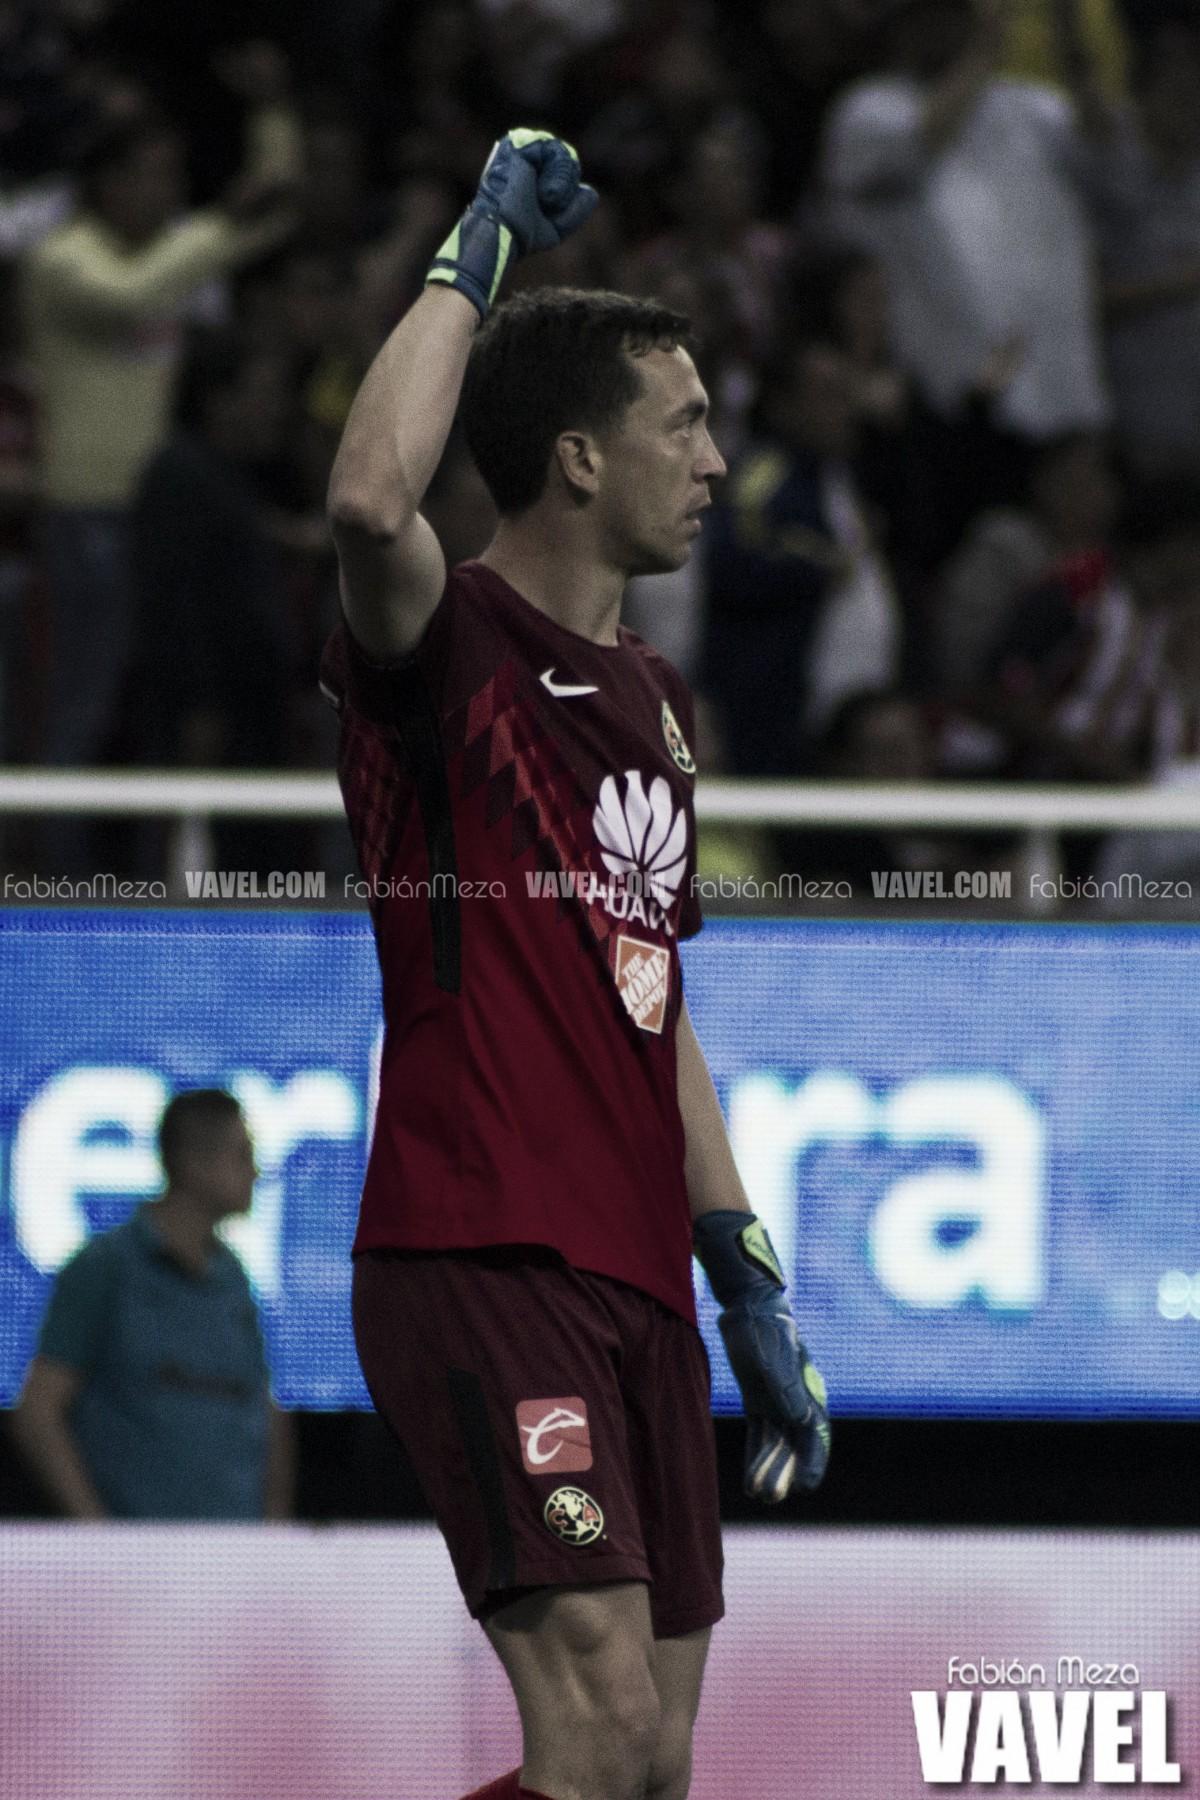 """Agustín Marchesín: """"Me rompo el alma cada fin de semana para poder estar en la Selección"""""""